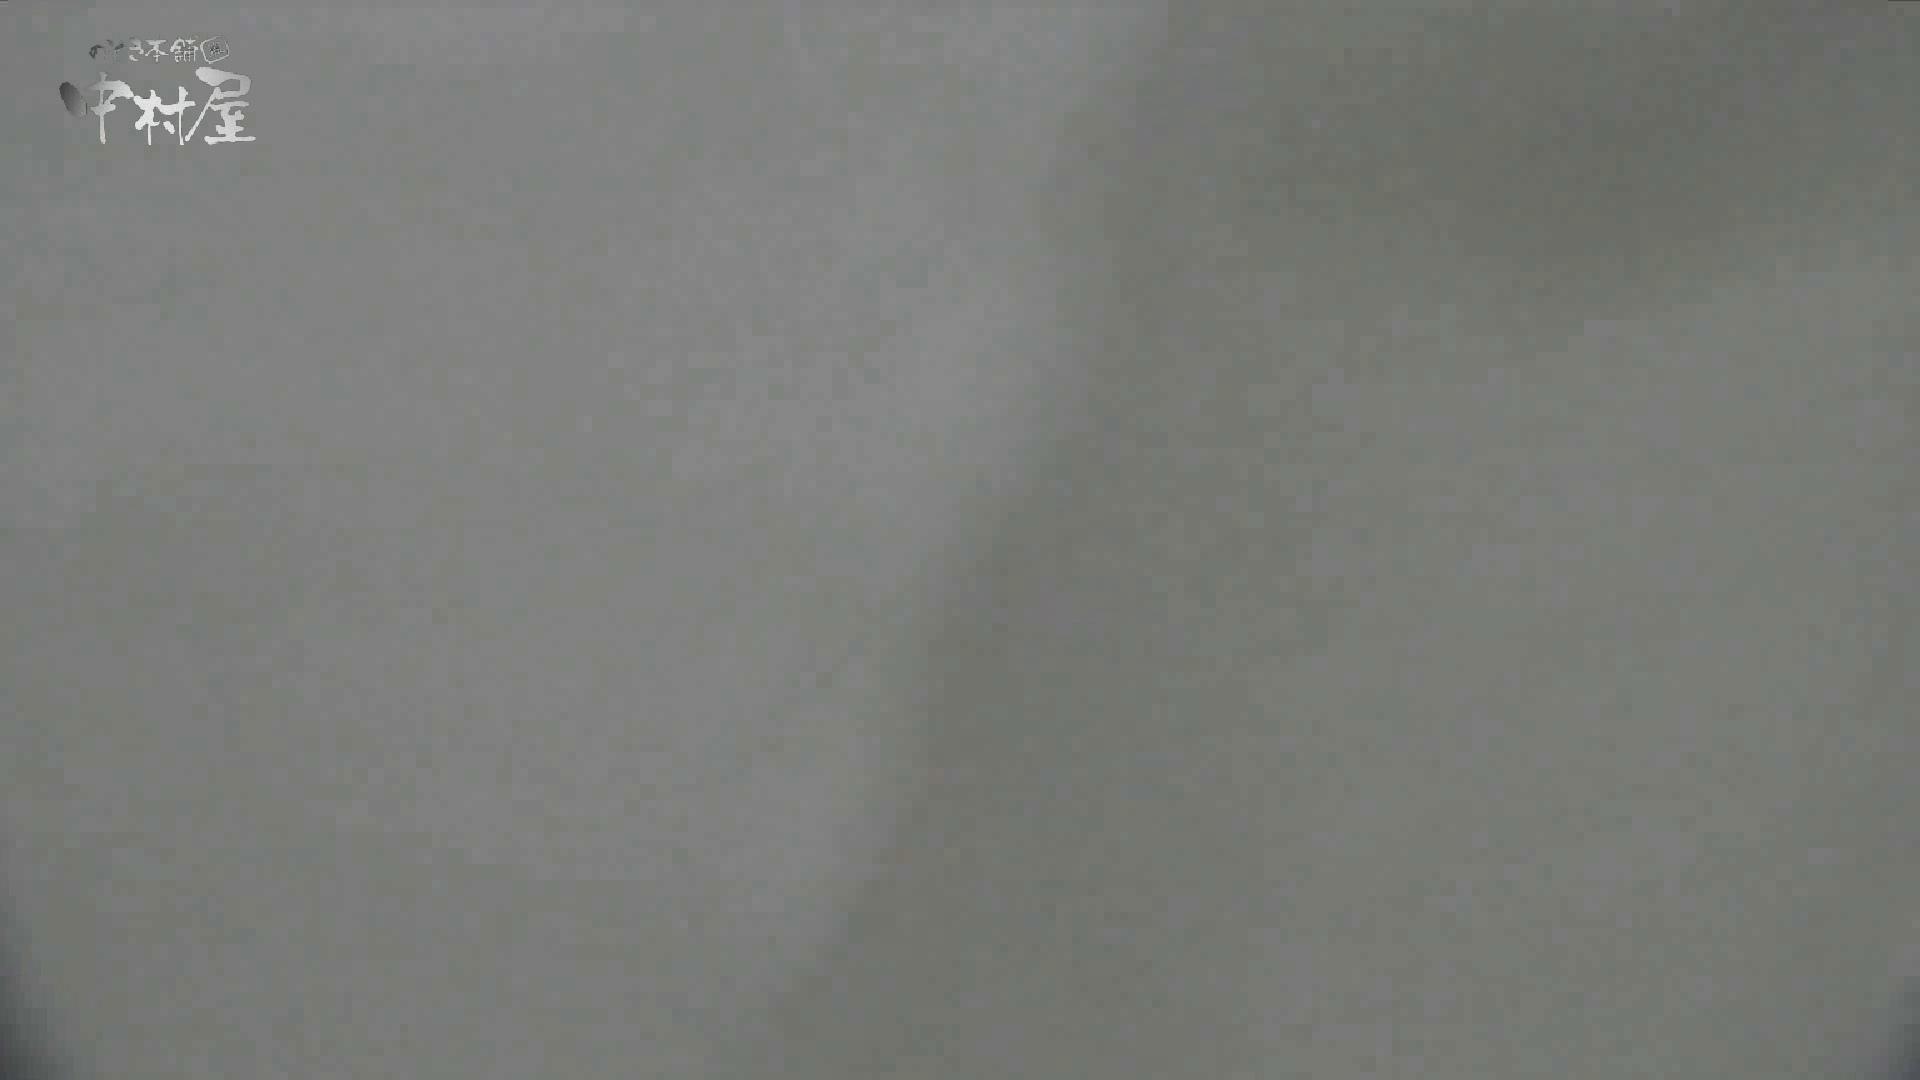 洗面所突入レポート!!vol.13 排泄編 オマンコ無修正動画無料 97PIX 78